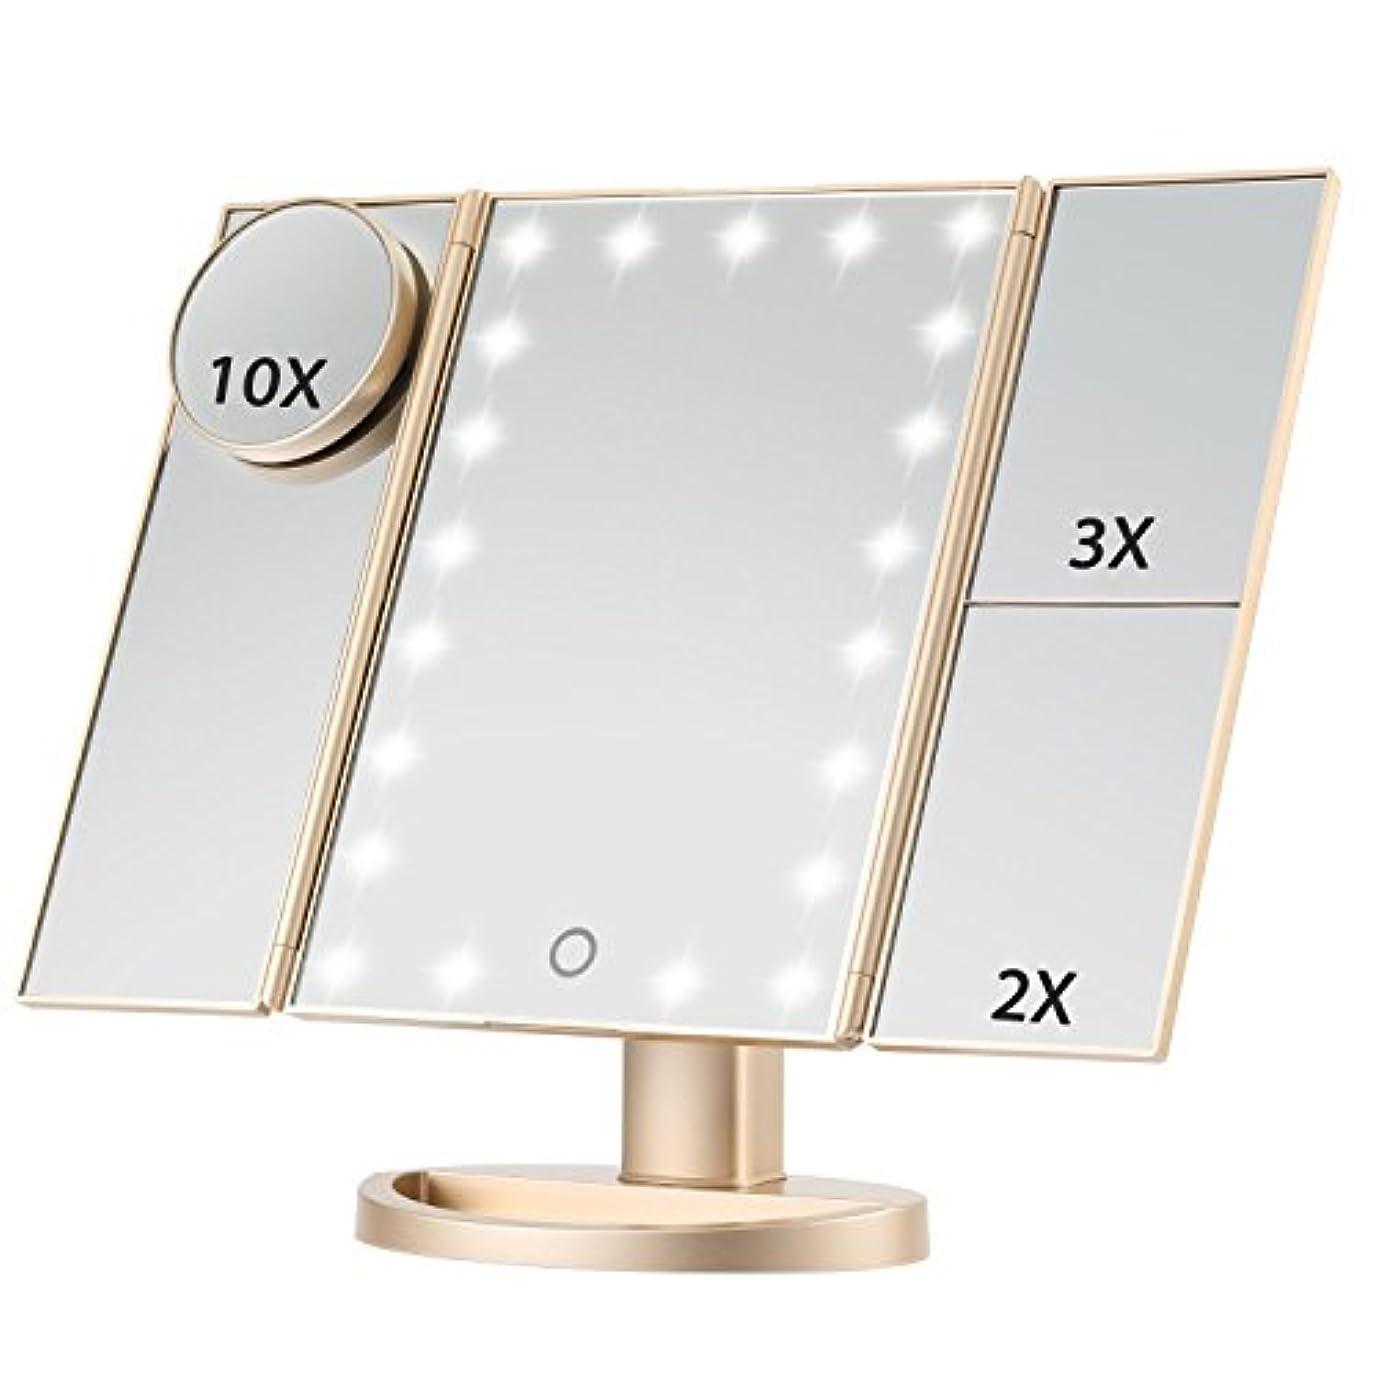 Magicfly 化粧鏡 LED三面鏡 ミラー 折り畳み式 10X /3X/2X拡大鏡付き 明るさ調節可能180°回転 電池/USB 2WAY給電 (ゴルード)